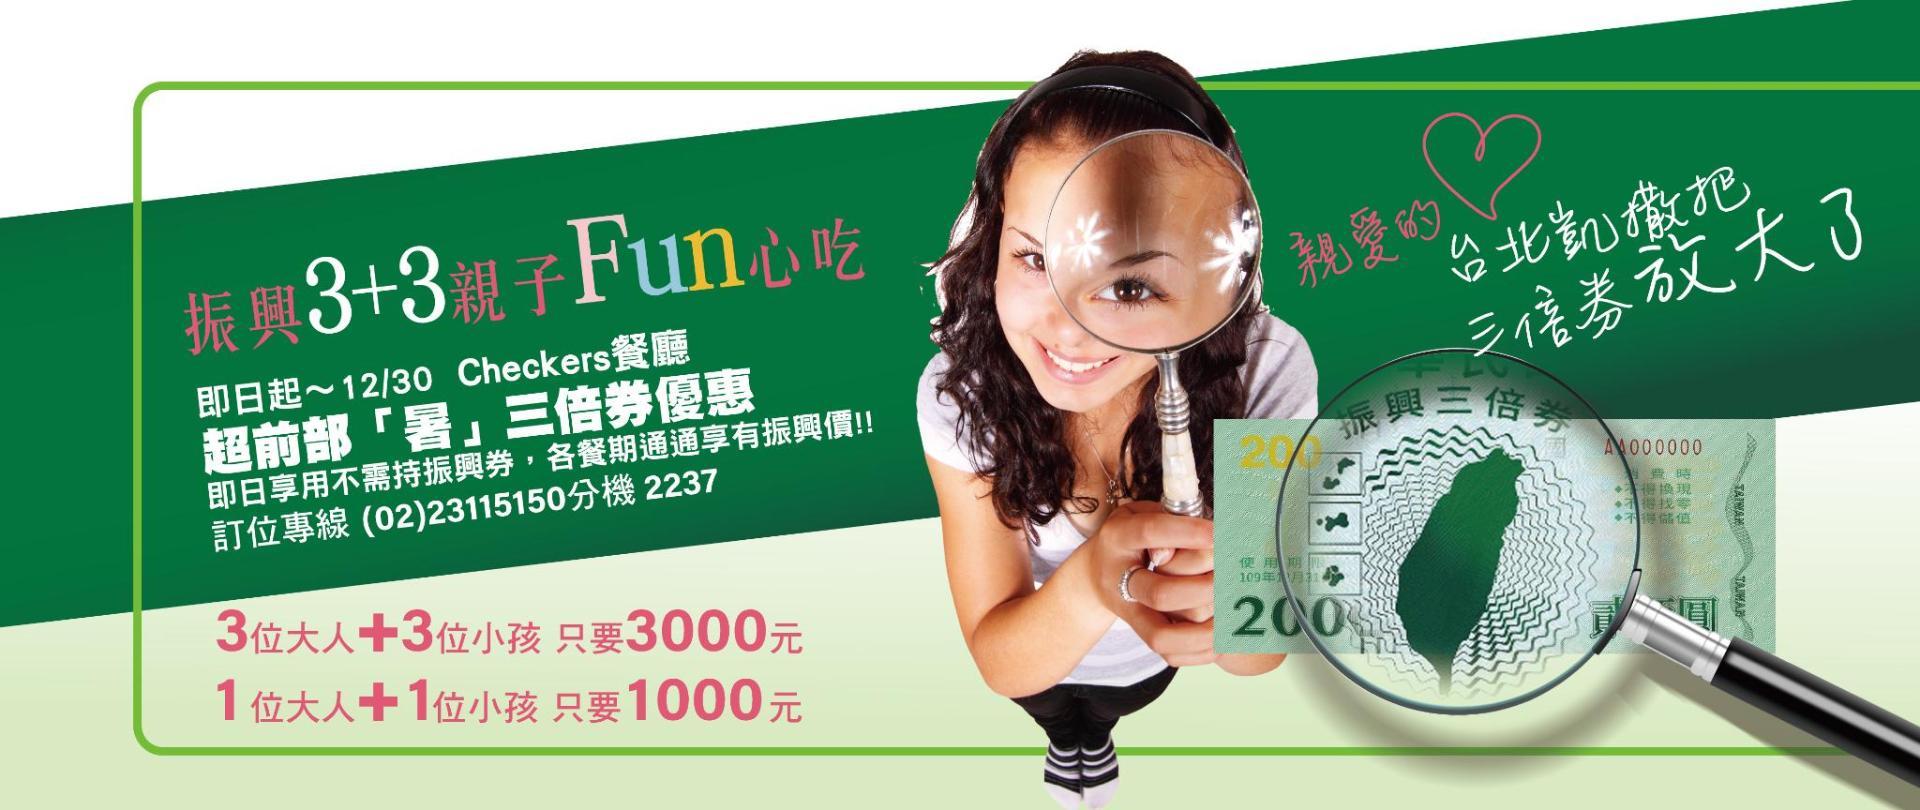 台北凱撒把三倍券放大了_官網Slide Show4000X1688.jpg